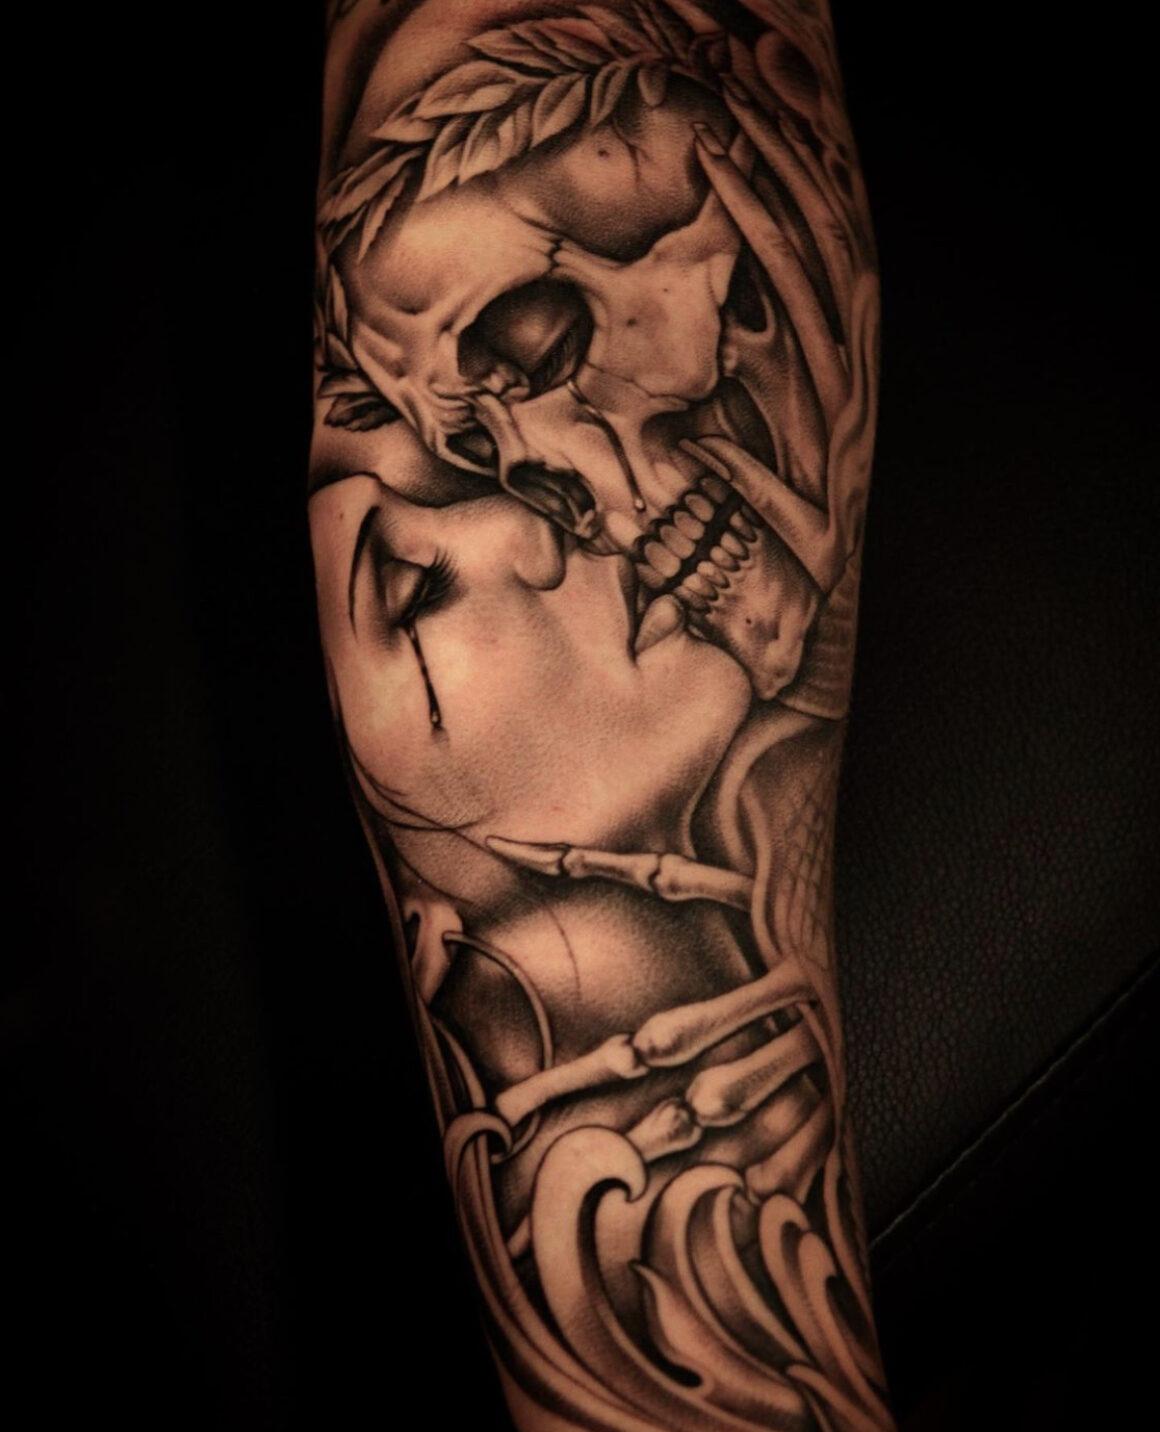 Miguel Ochoa, Private Studio, Orange County, USA